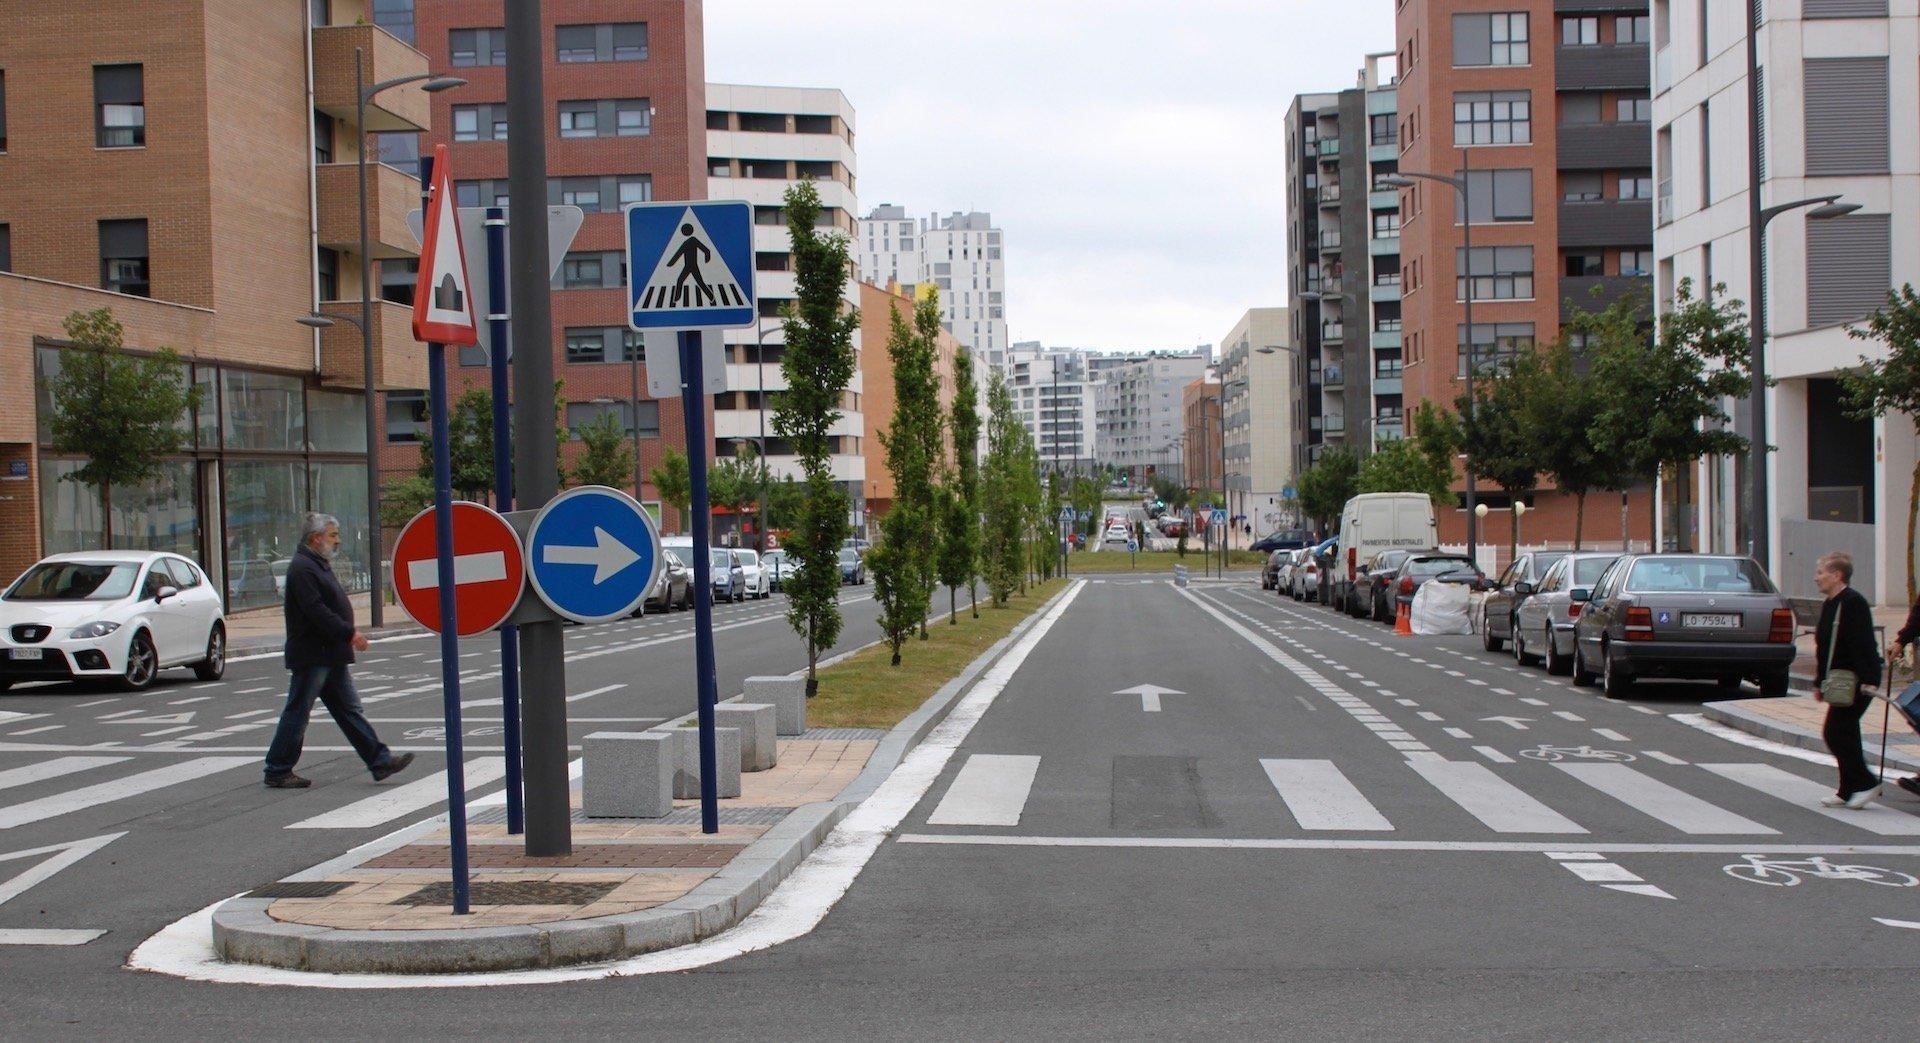 Eine leere Straße. Hochhäuser im Hintergrund.